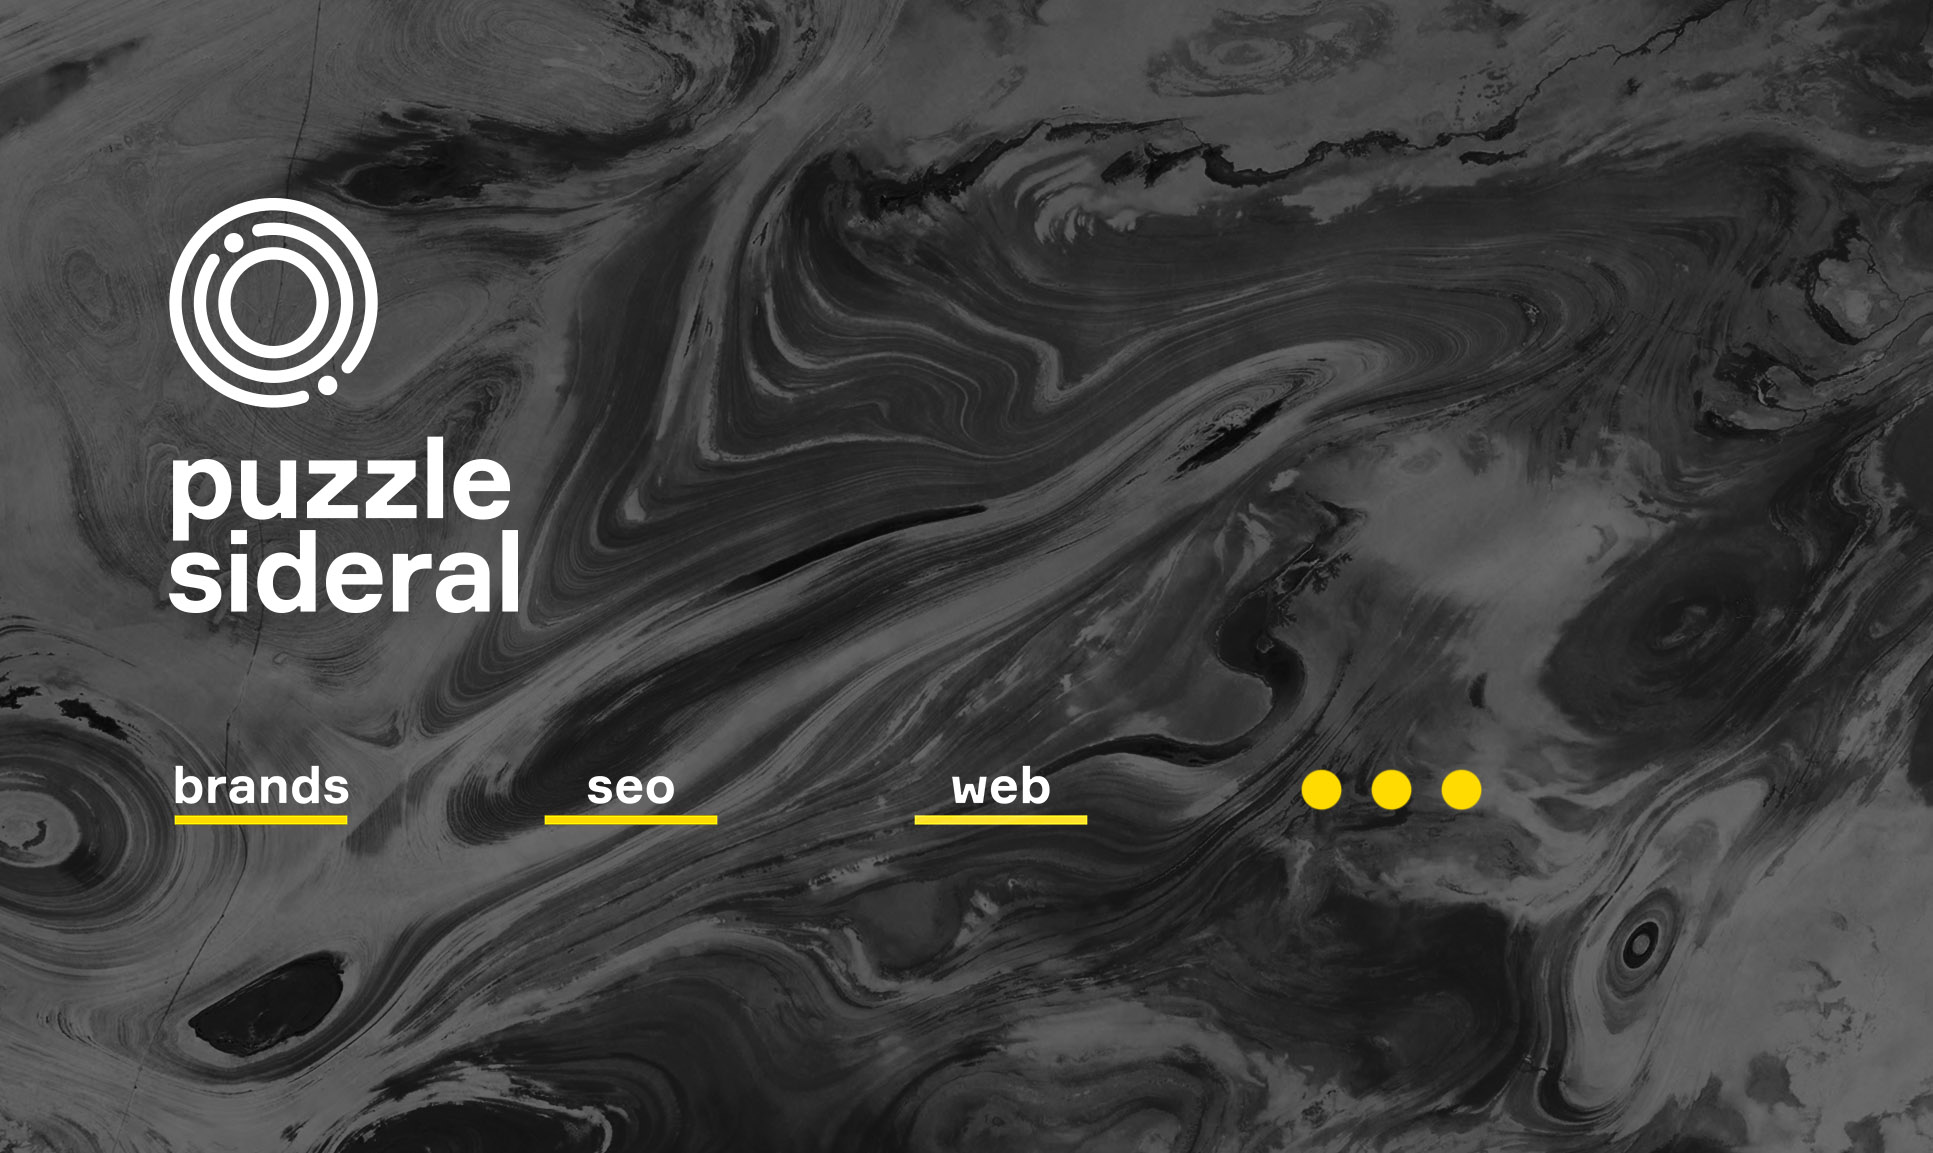 Servicios Digitales Puzzle Sideral